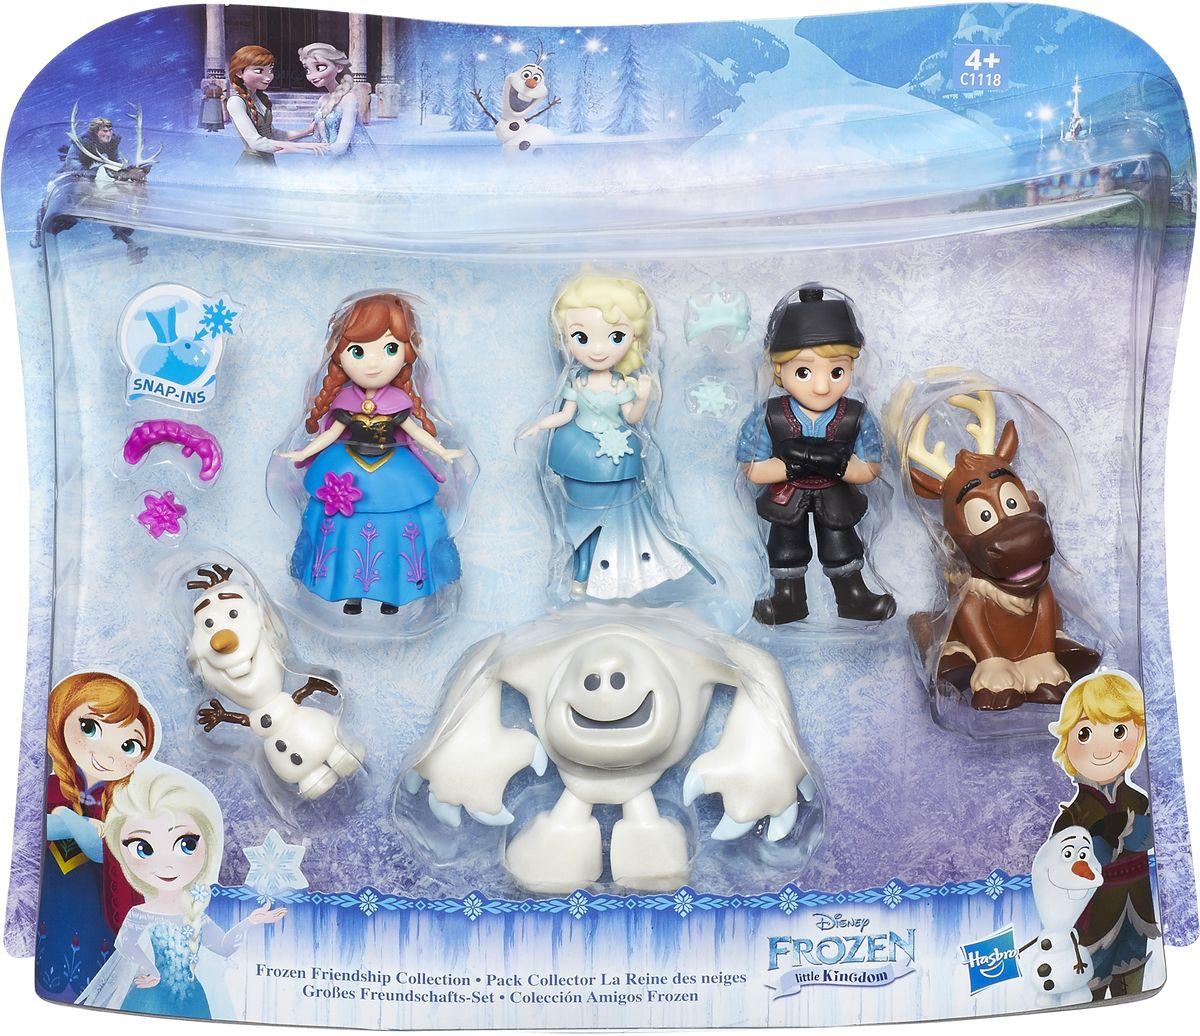 Disney FrozenНабор фигурок Коллекция друзей